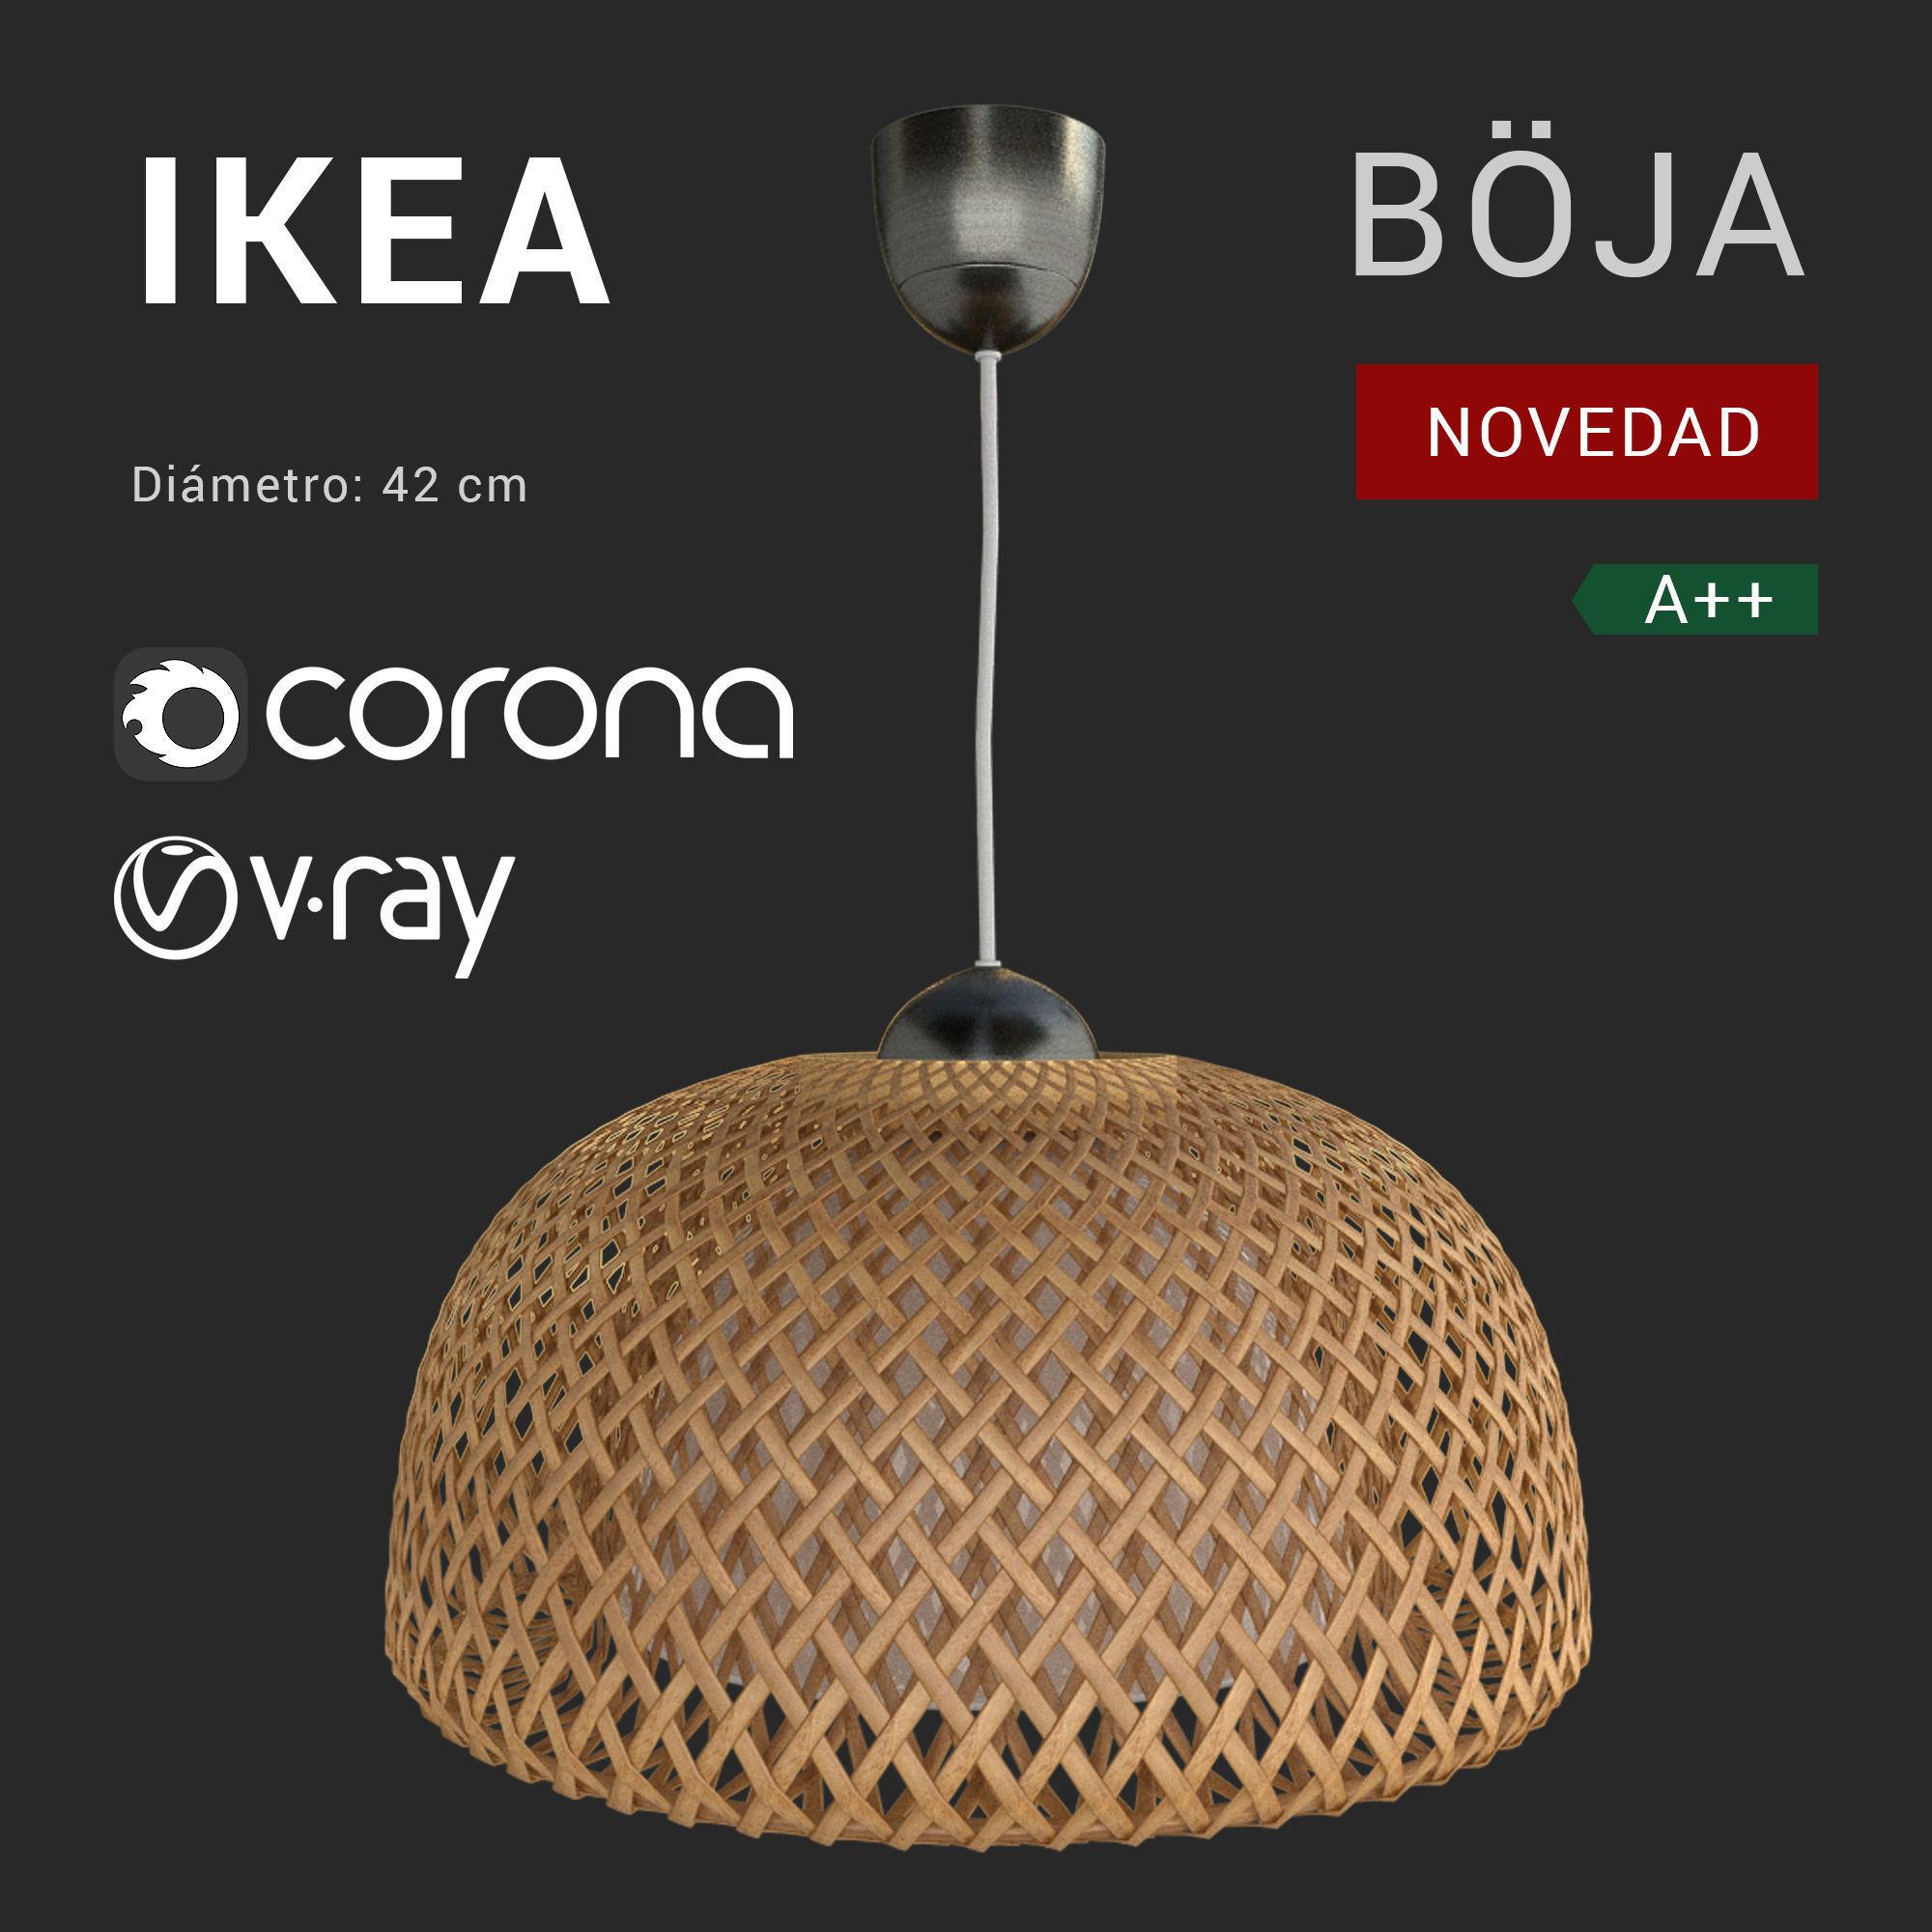 Boja Lamp Ikea 2018 | 3D model